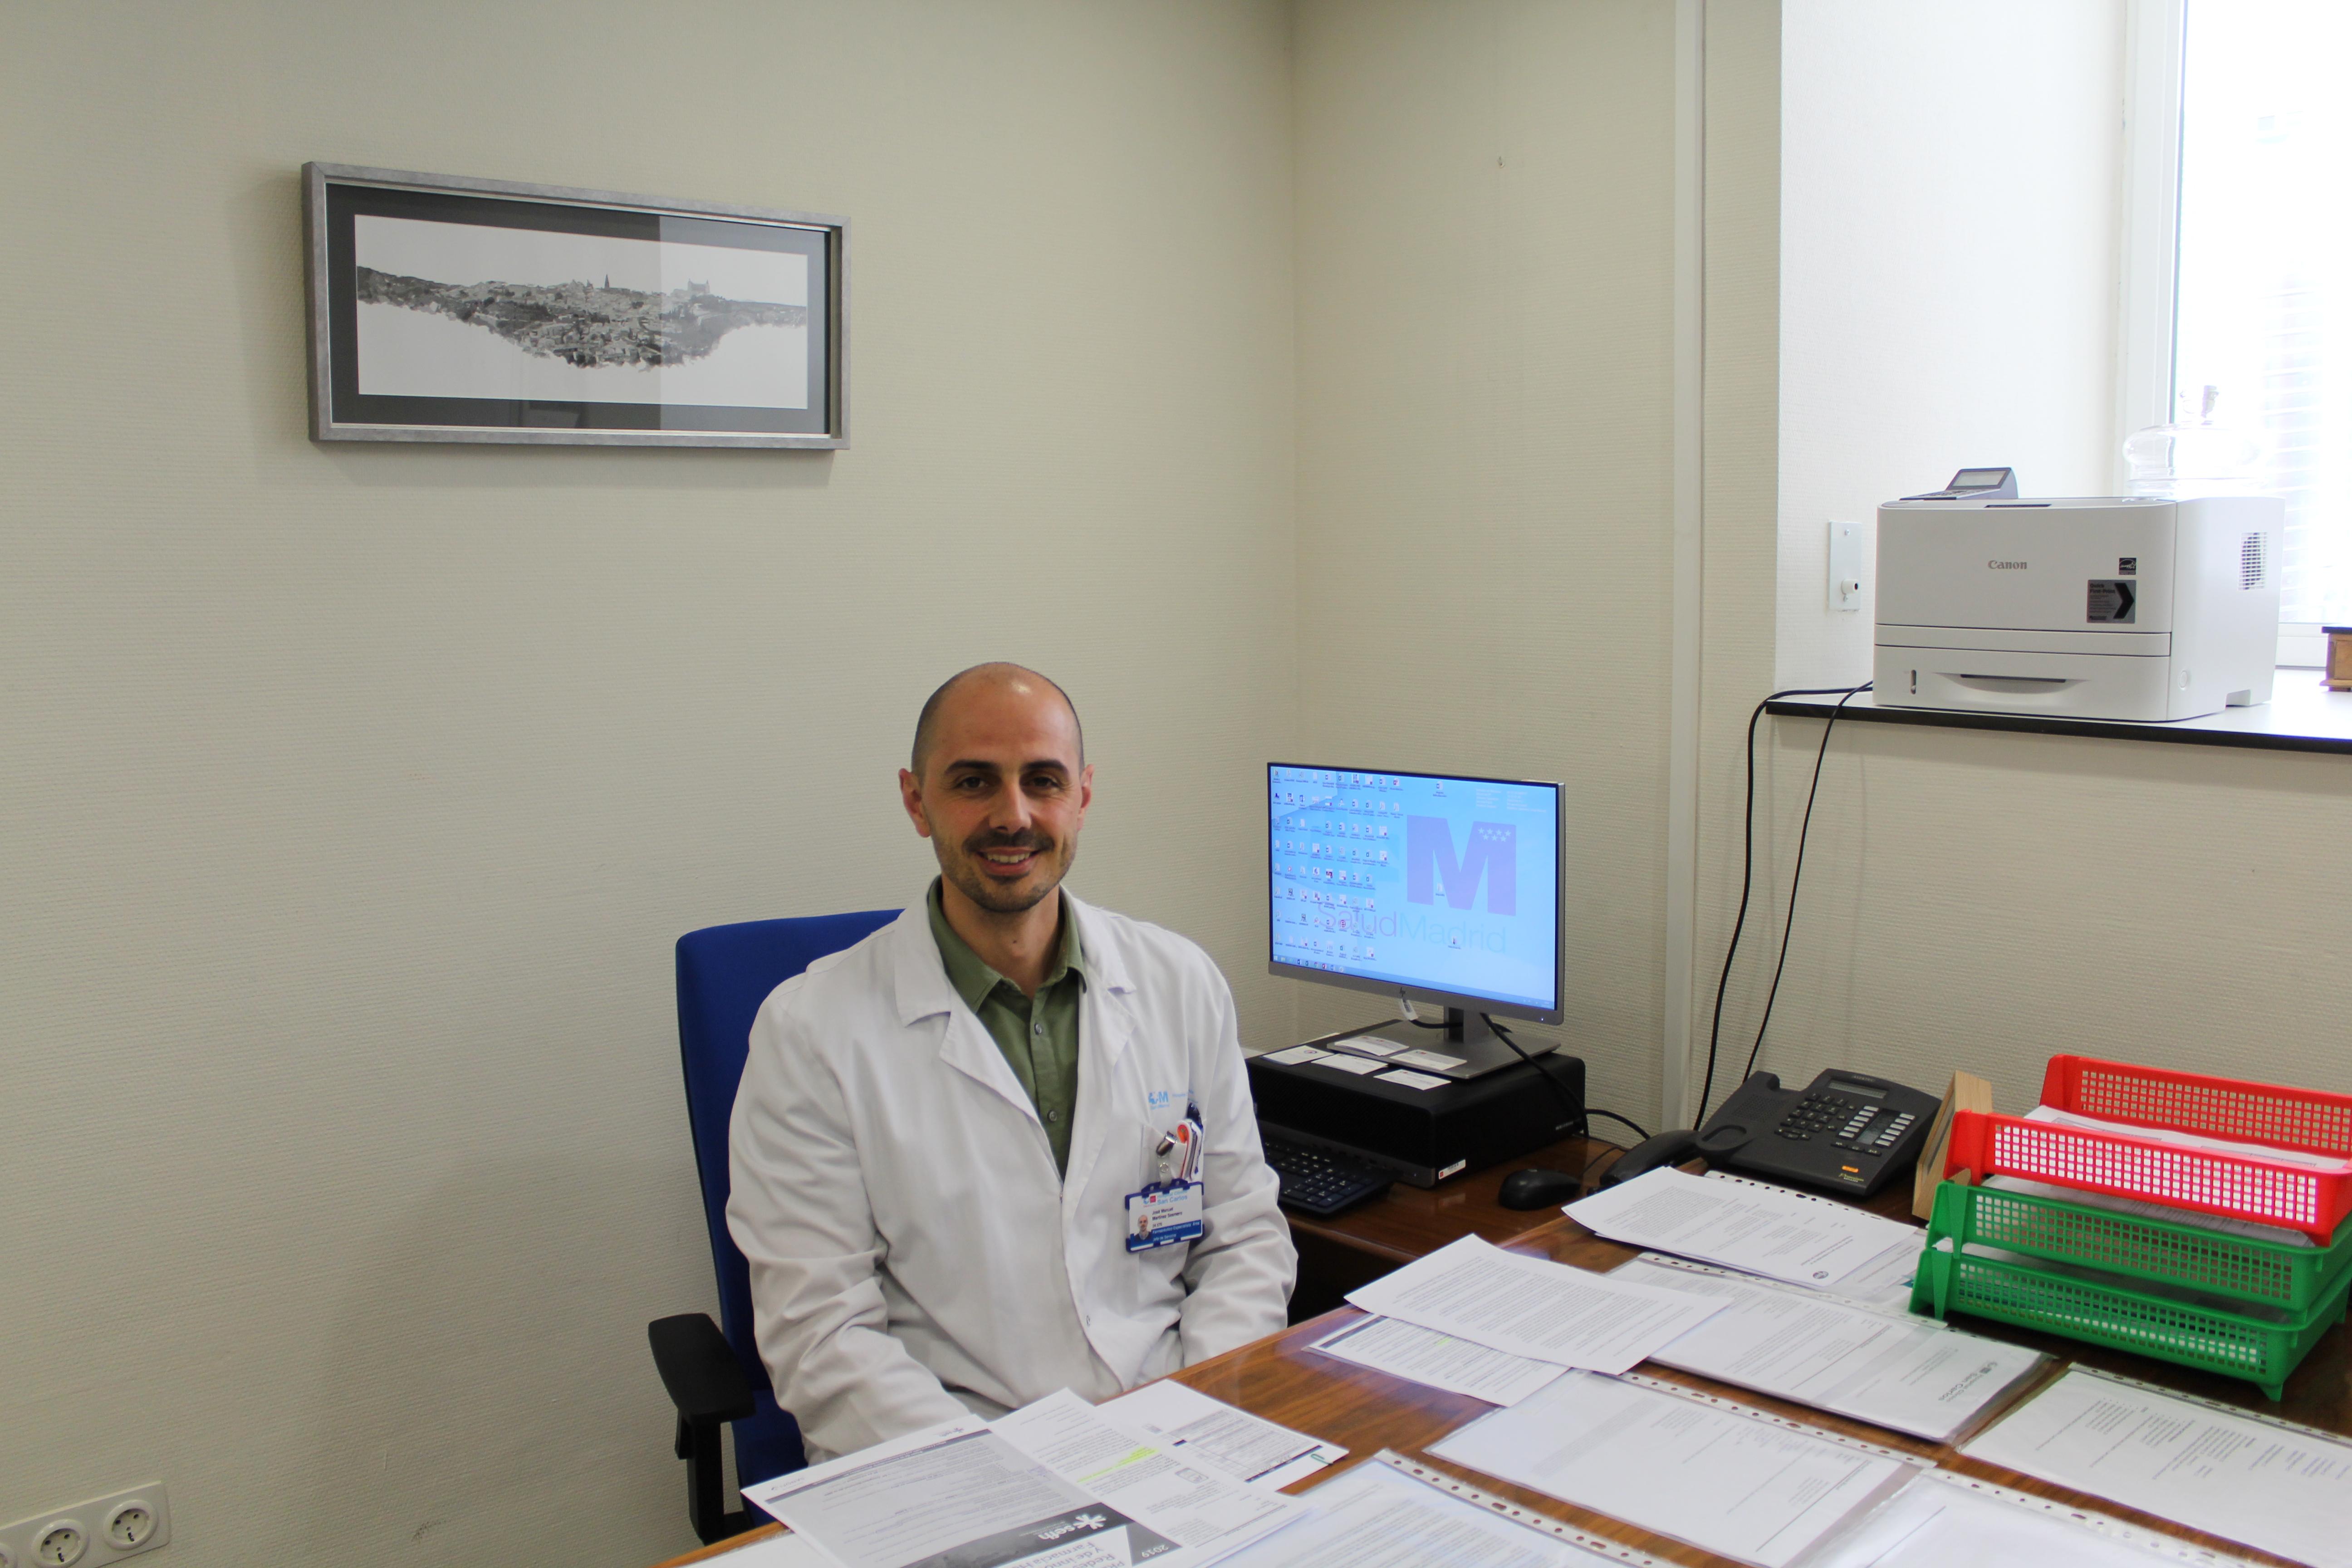 Entrevista José Manuel Martínez Sesmero, Jefe del Servicio de Farmacia del Hospital Clínico San Carlos